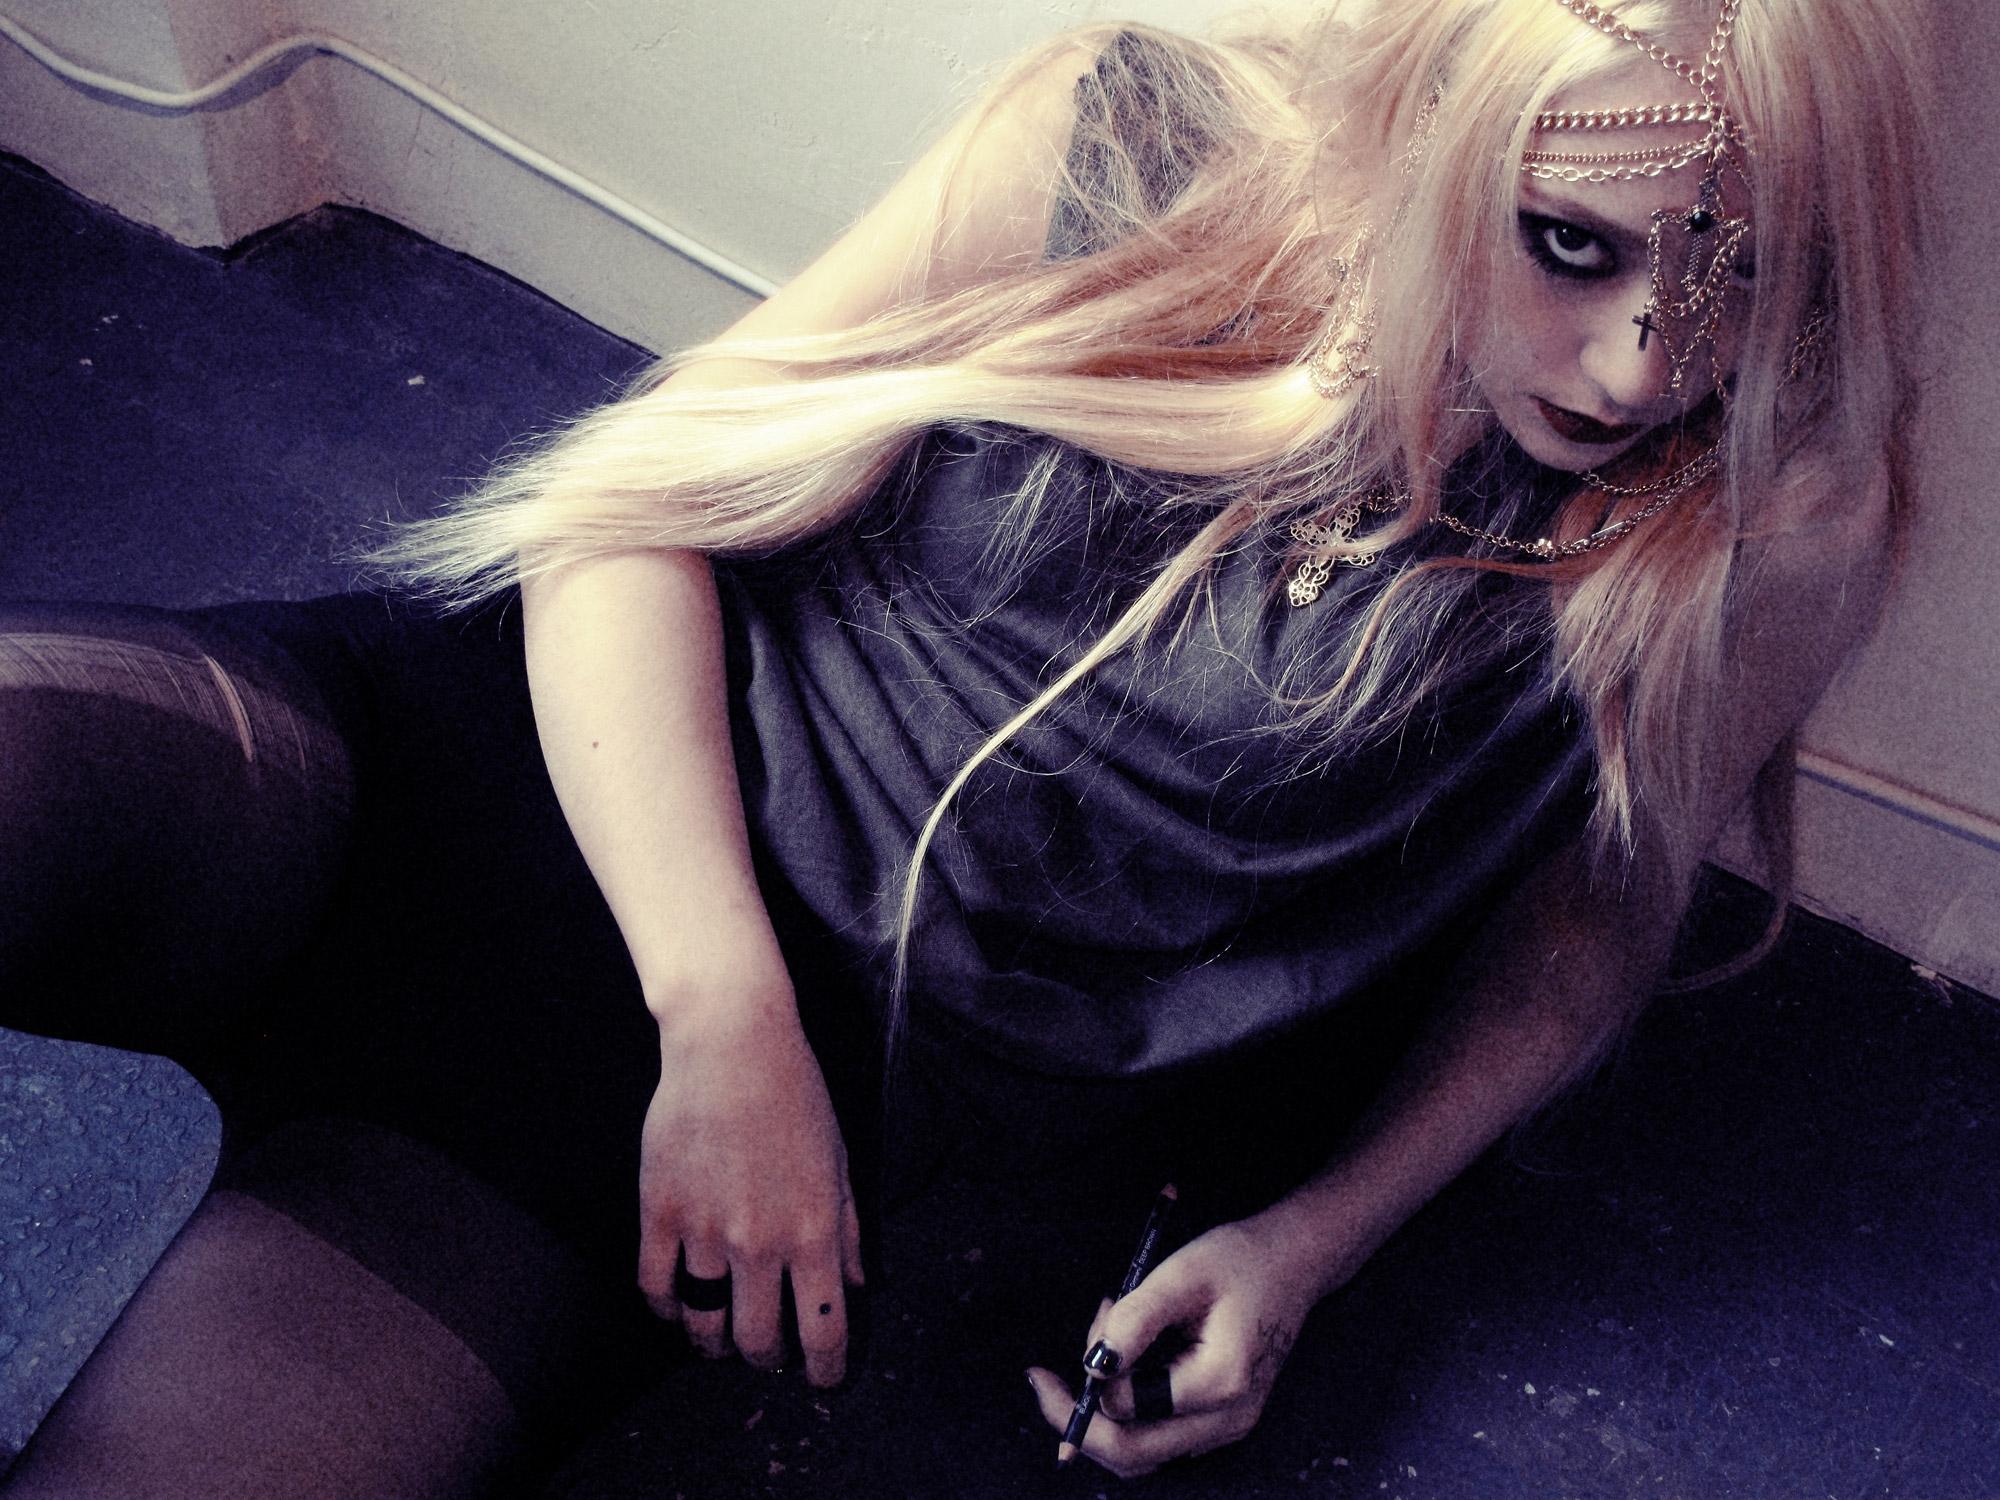 Krystal gây ấn tượng với hình tượng Gothic trong album mới